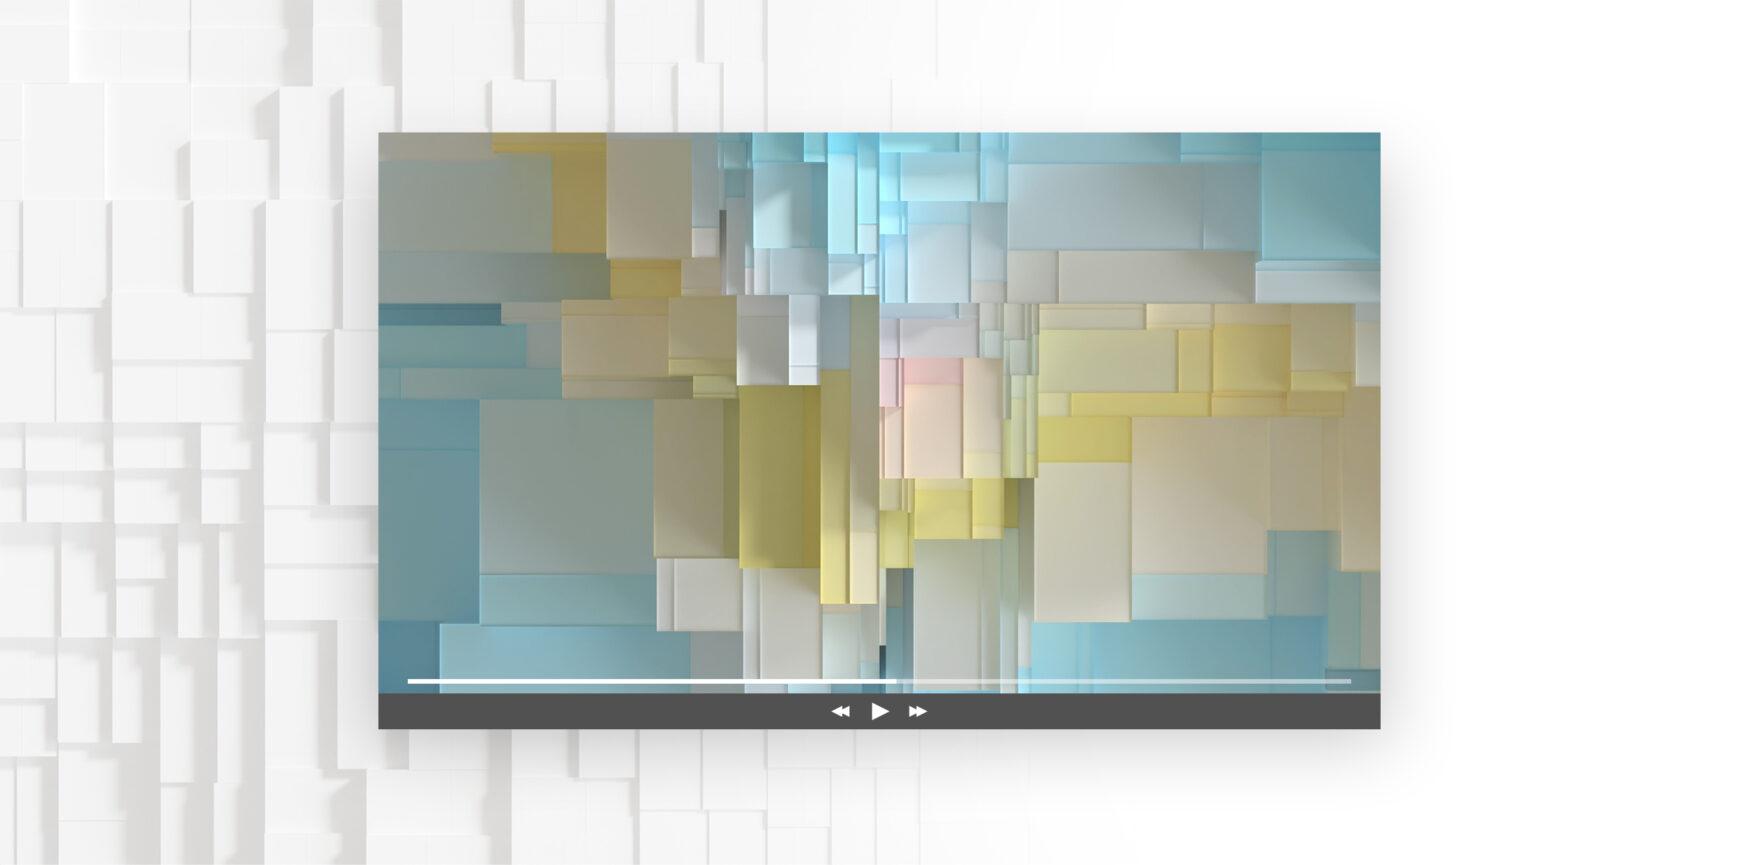 Ansicht Desktop Bayerisches Staatsministerium für Digitales 3D-Animation für Konferenzen